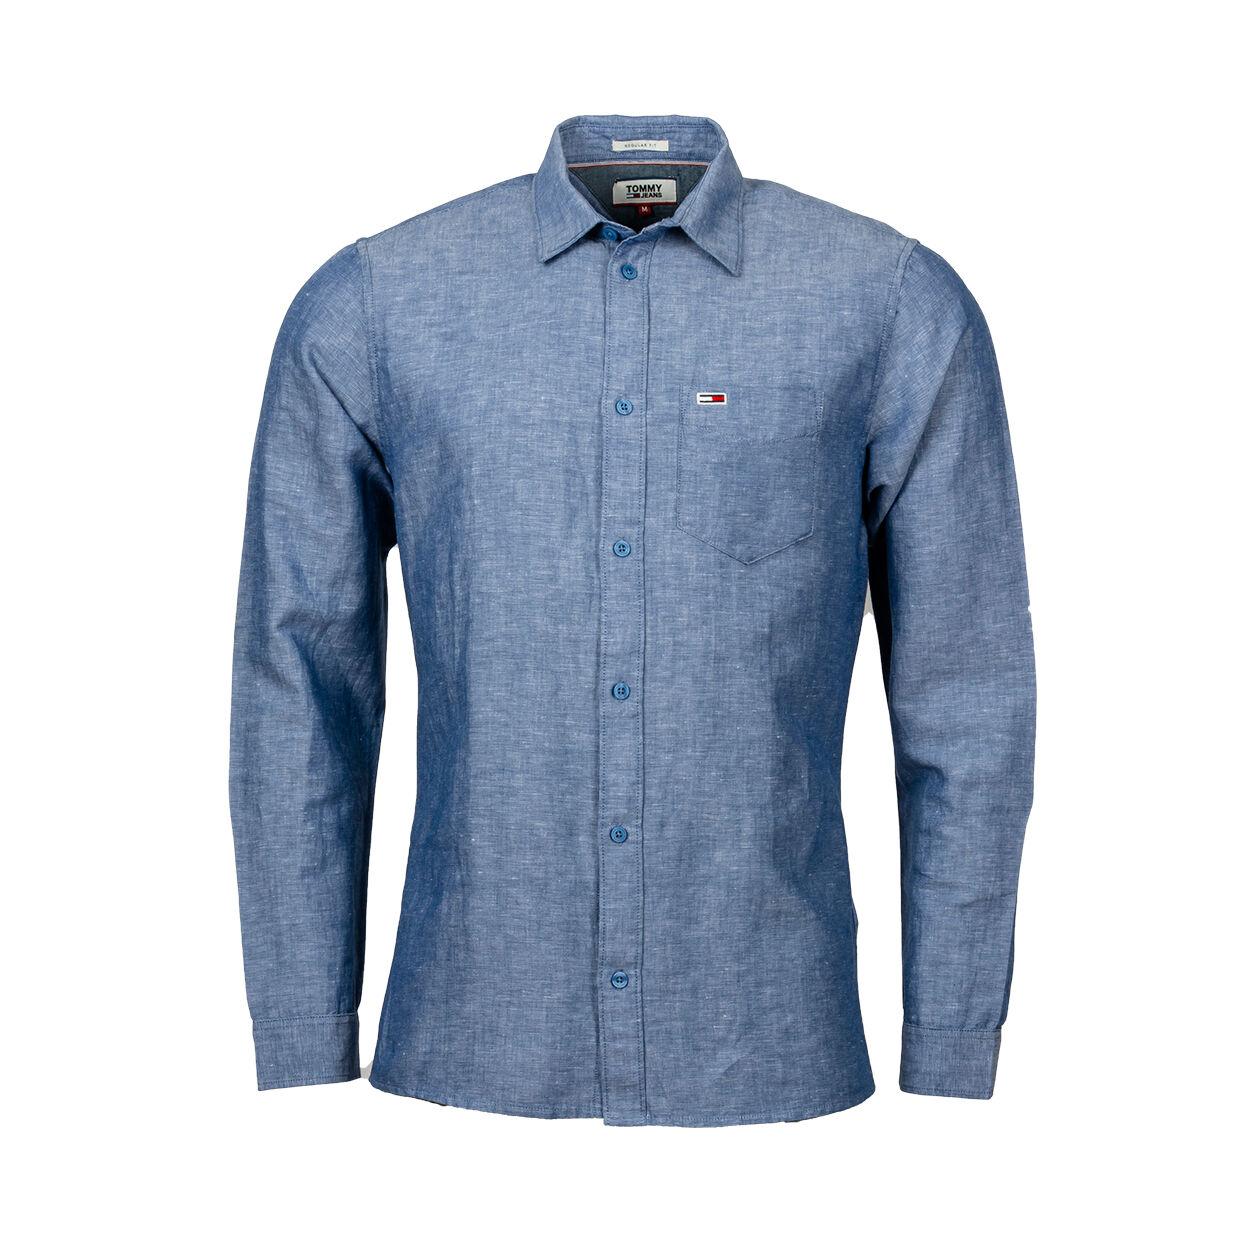 Tommy Jeans Chemise coupe droite manches longues Tommy Jeans Linen Blend en lin bleu effet denim - BLEU - M